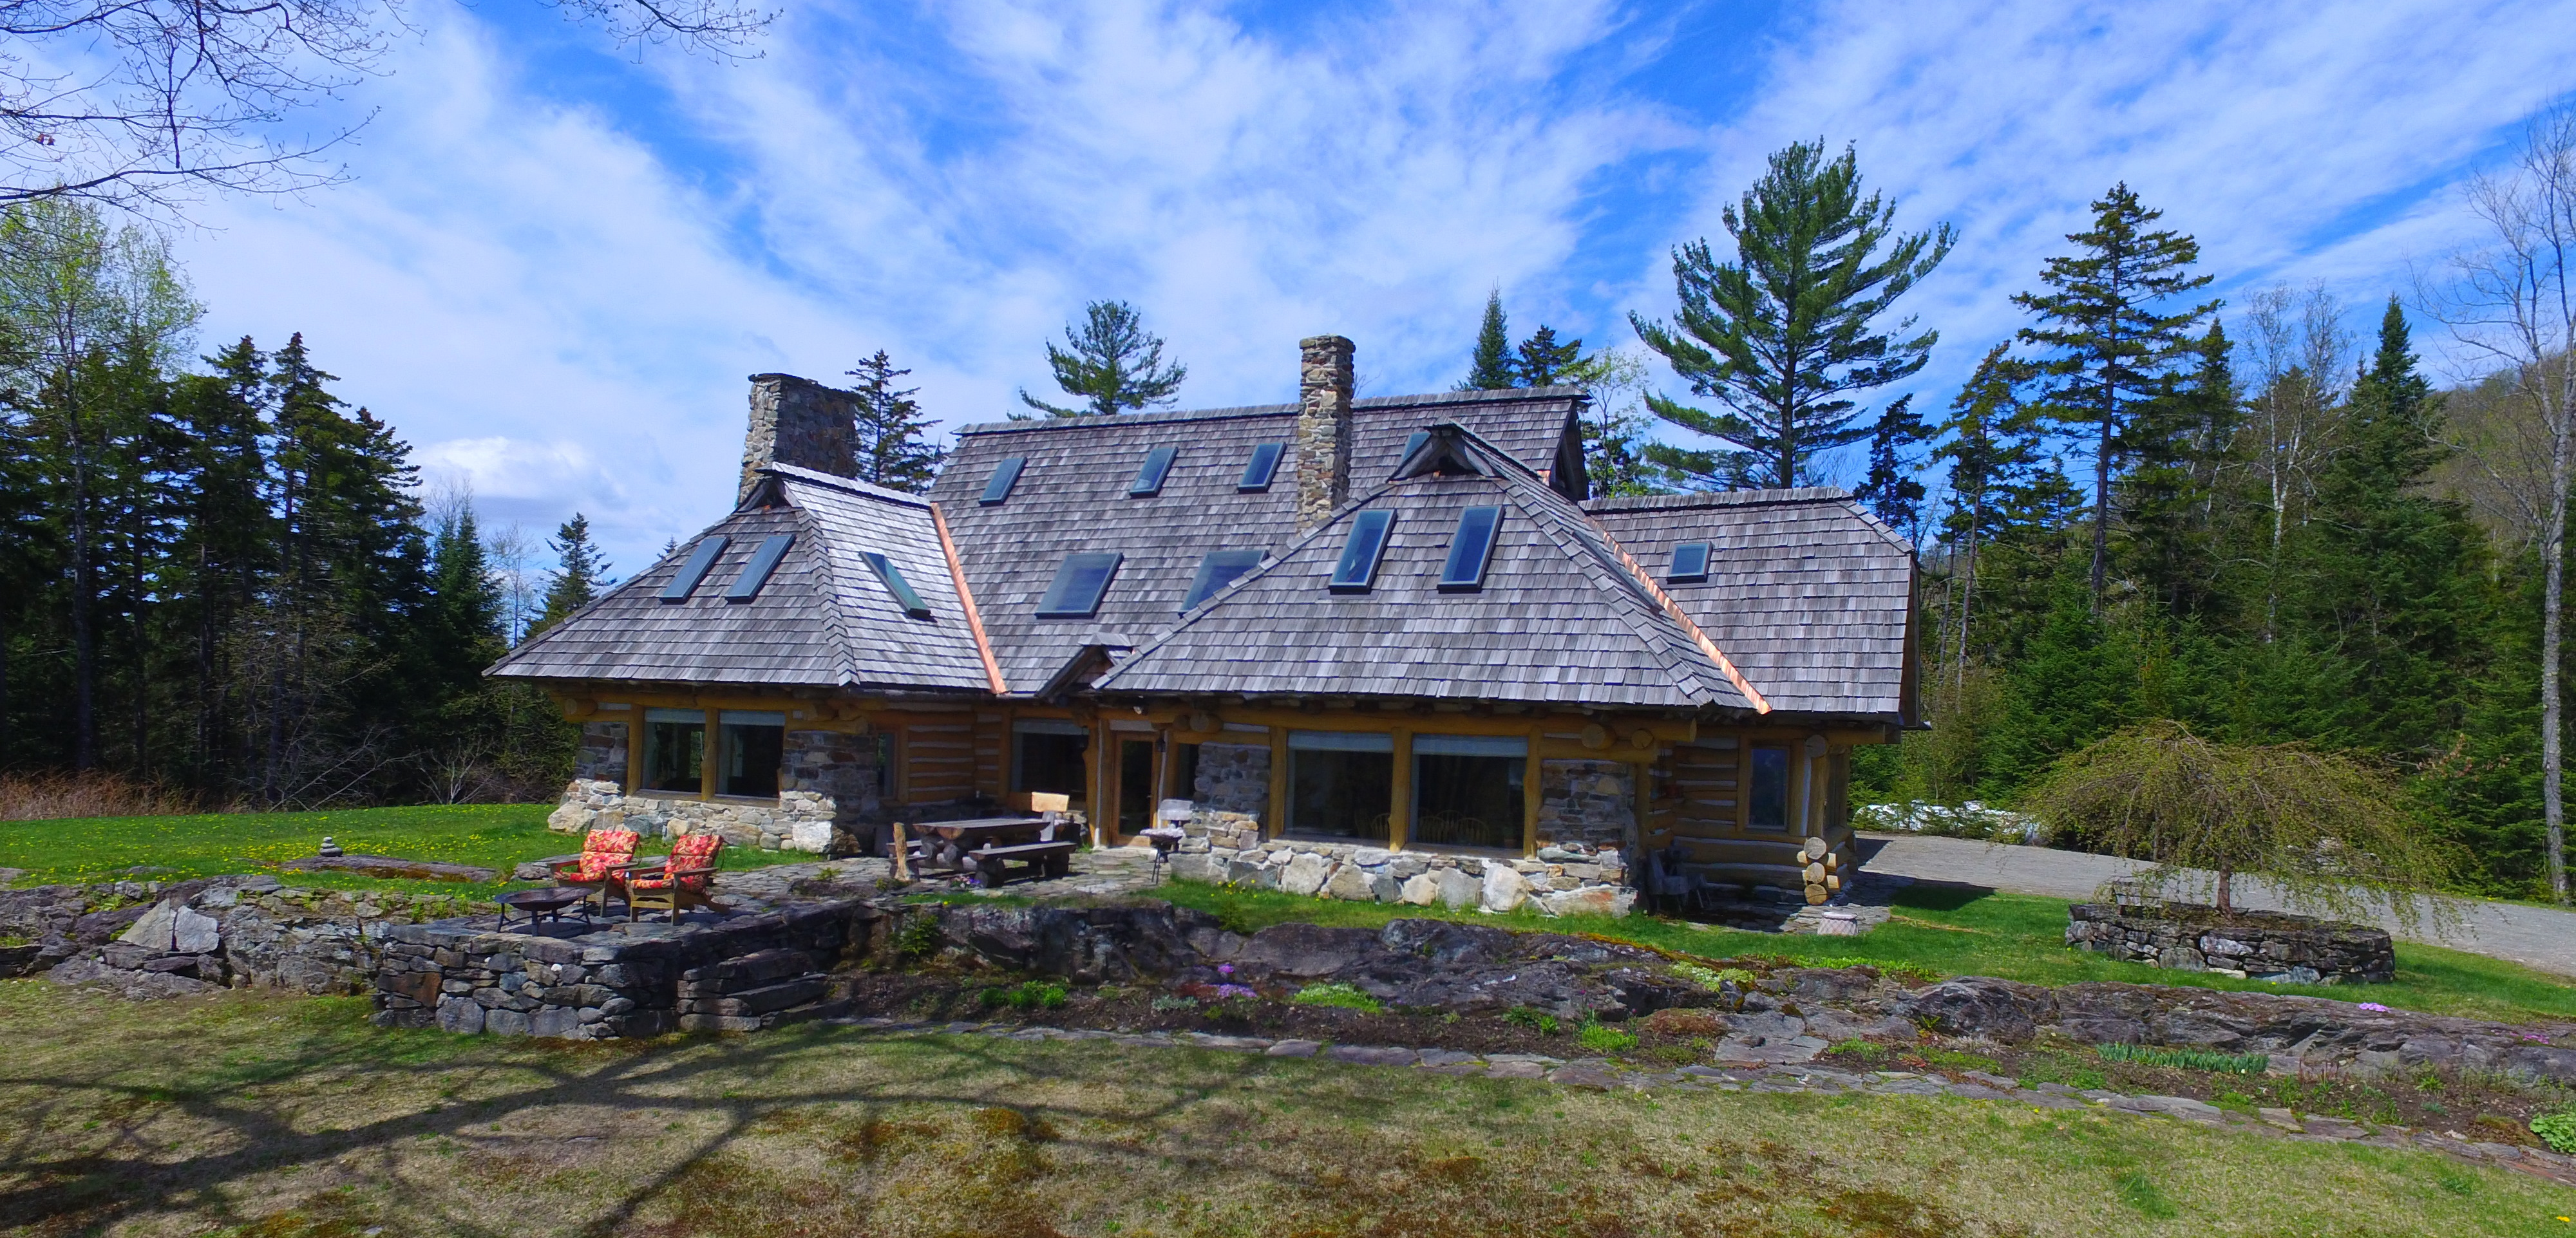 一戸建て のために 売買 アット Spectacular Mountain Top Home 1285 Manns Hill Rd Littleton, ニューハンプシャー, 03561 アメリカ合衆国